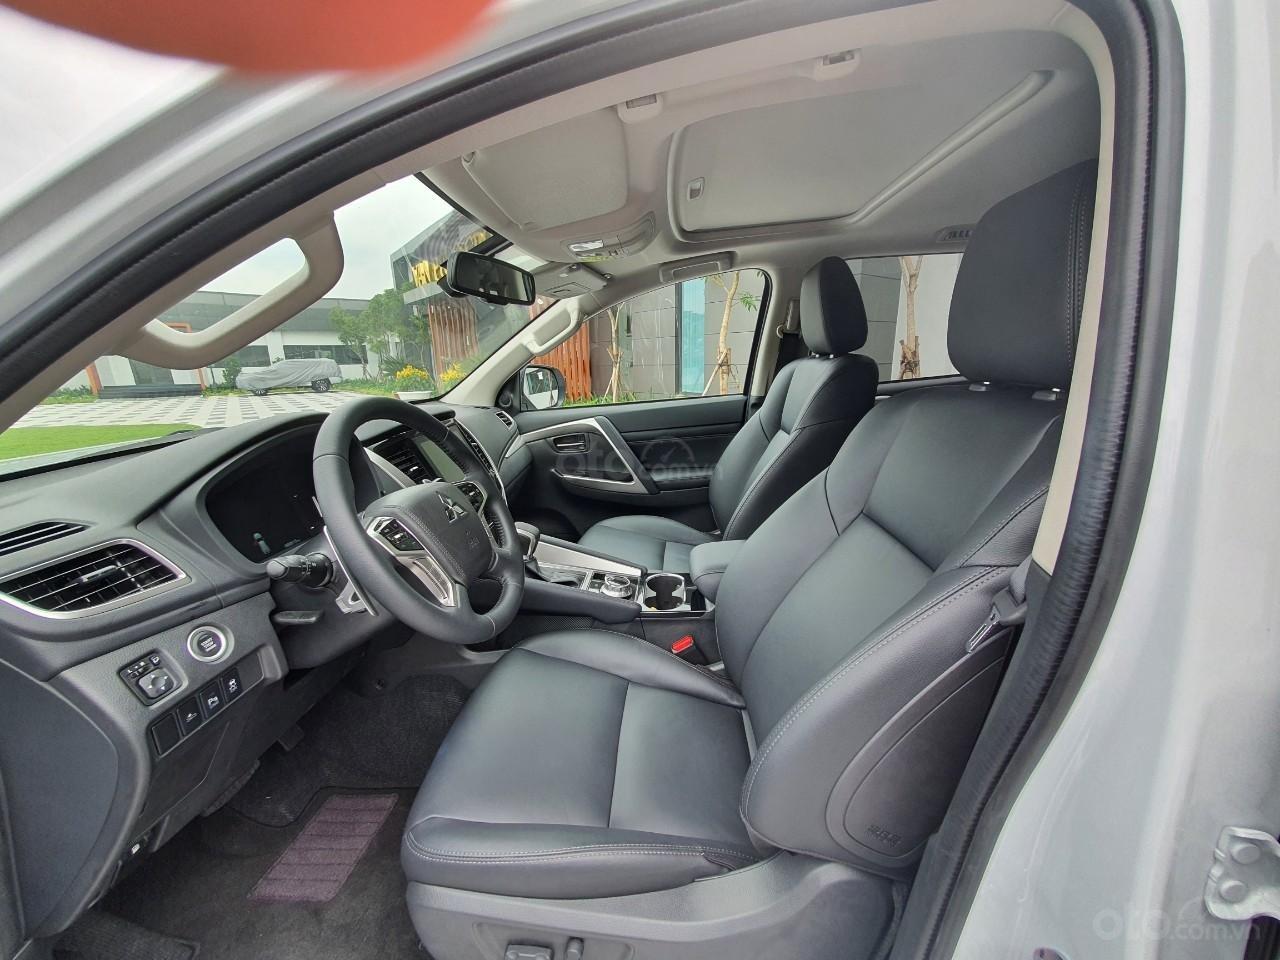 [Hot] Pajero Sport G 4x4AT Premium 2020 - Phong cách - Bản lĩnh (6)